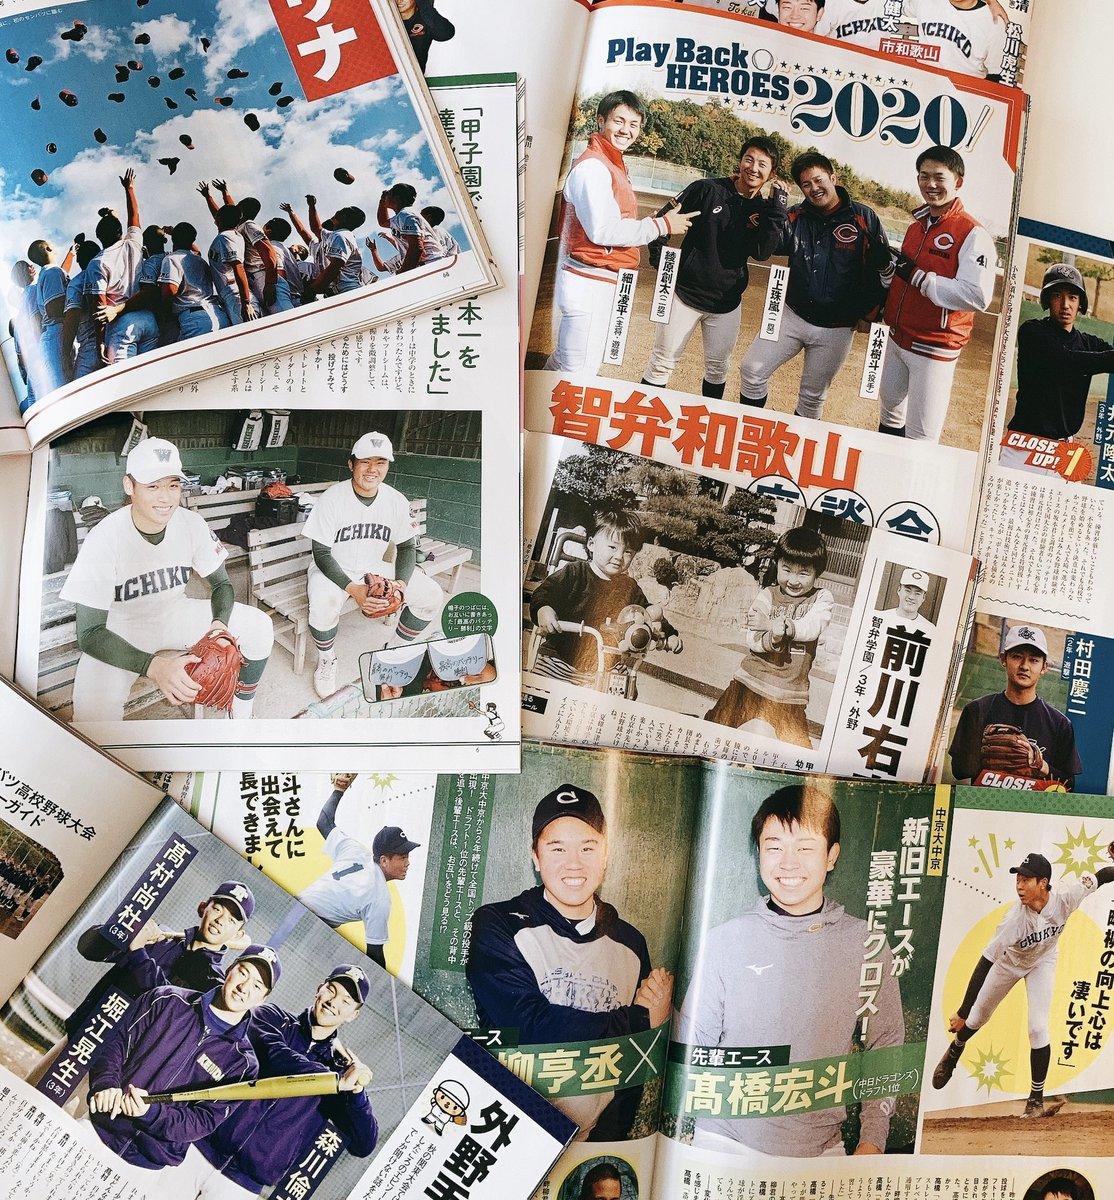 高校 秋田 爆 野球 県 サイ